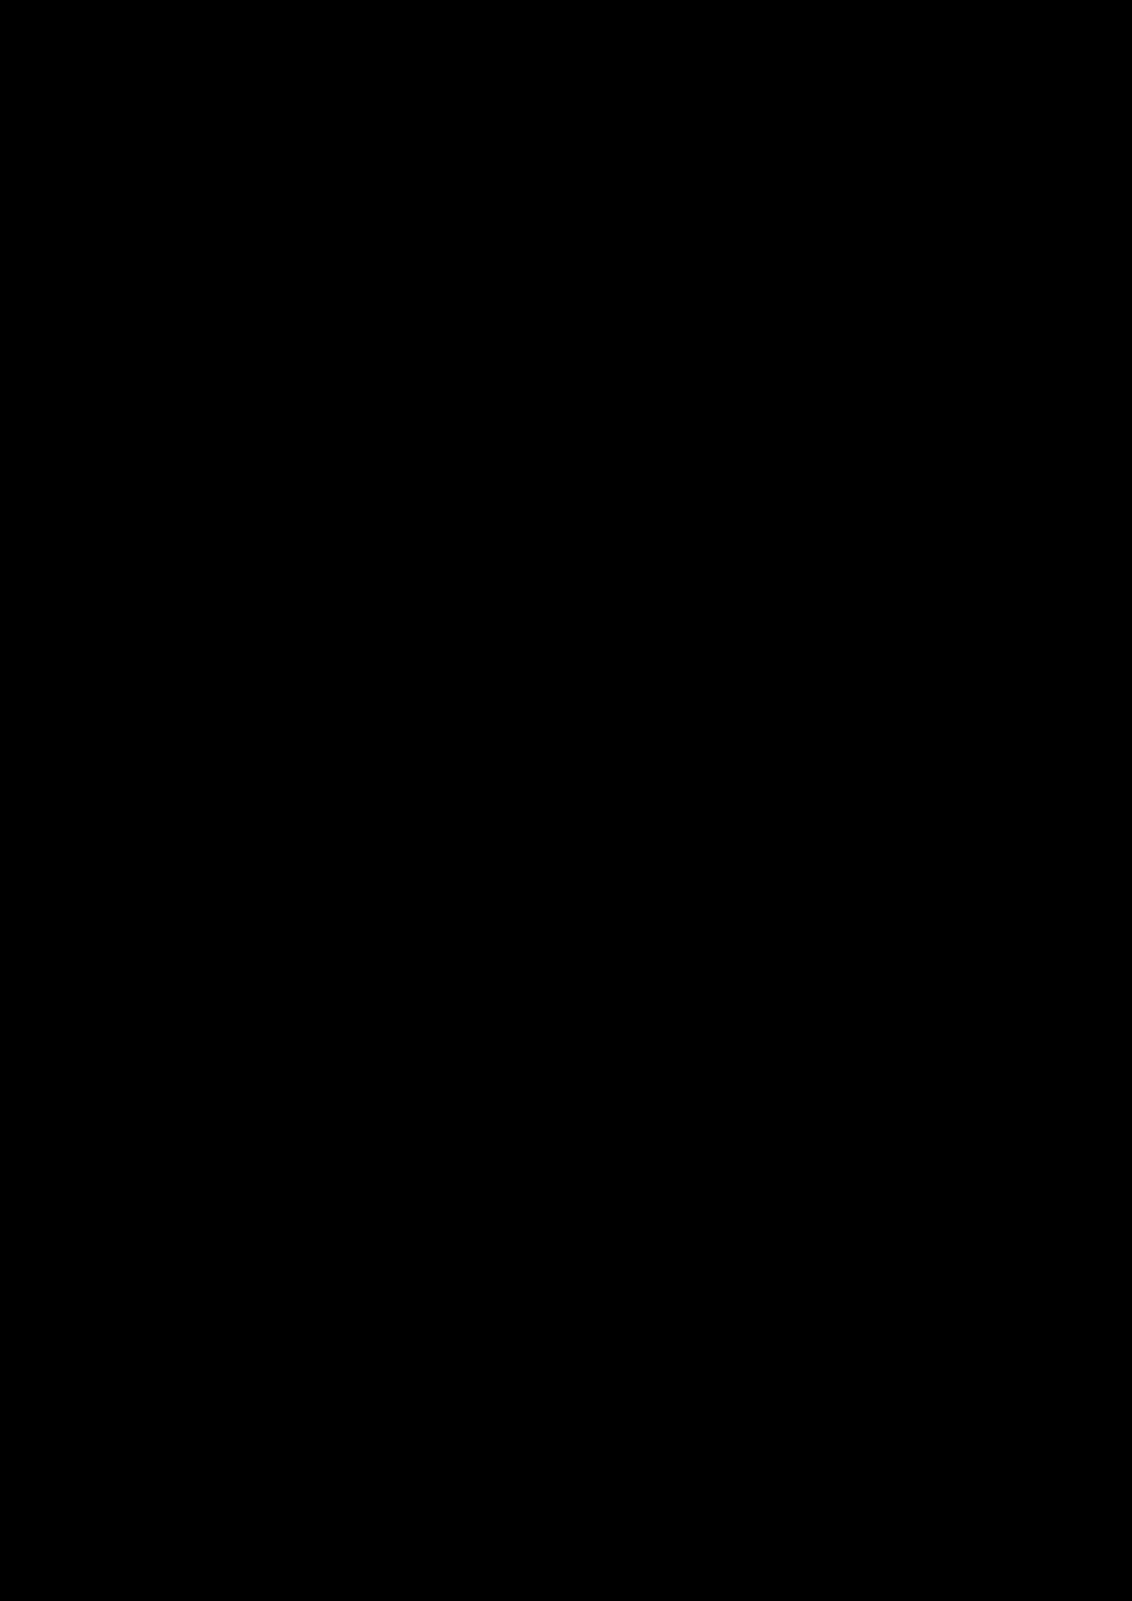 Proschanie s volshebnoy stranoy slide, Image 29